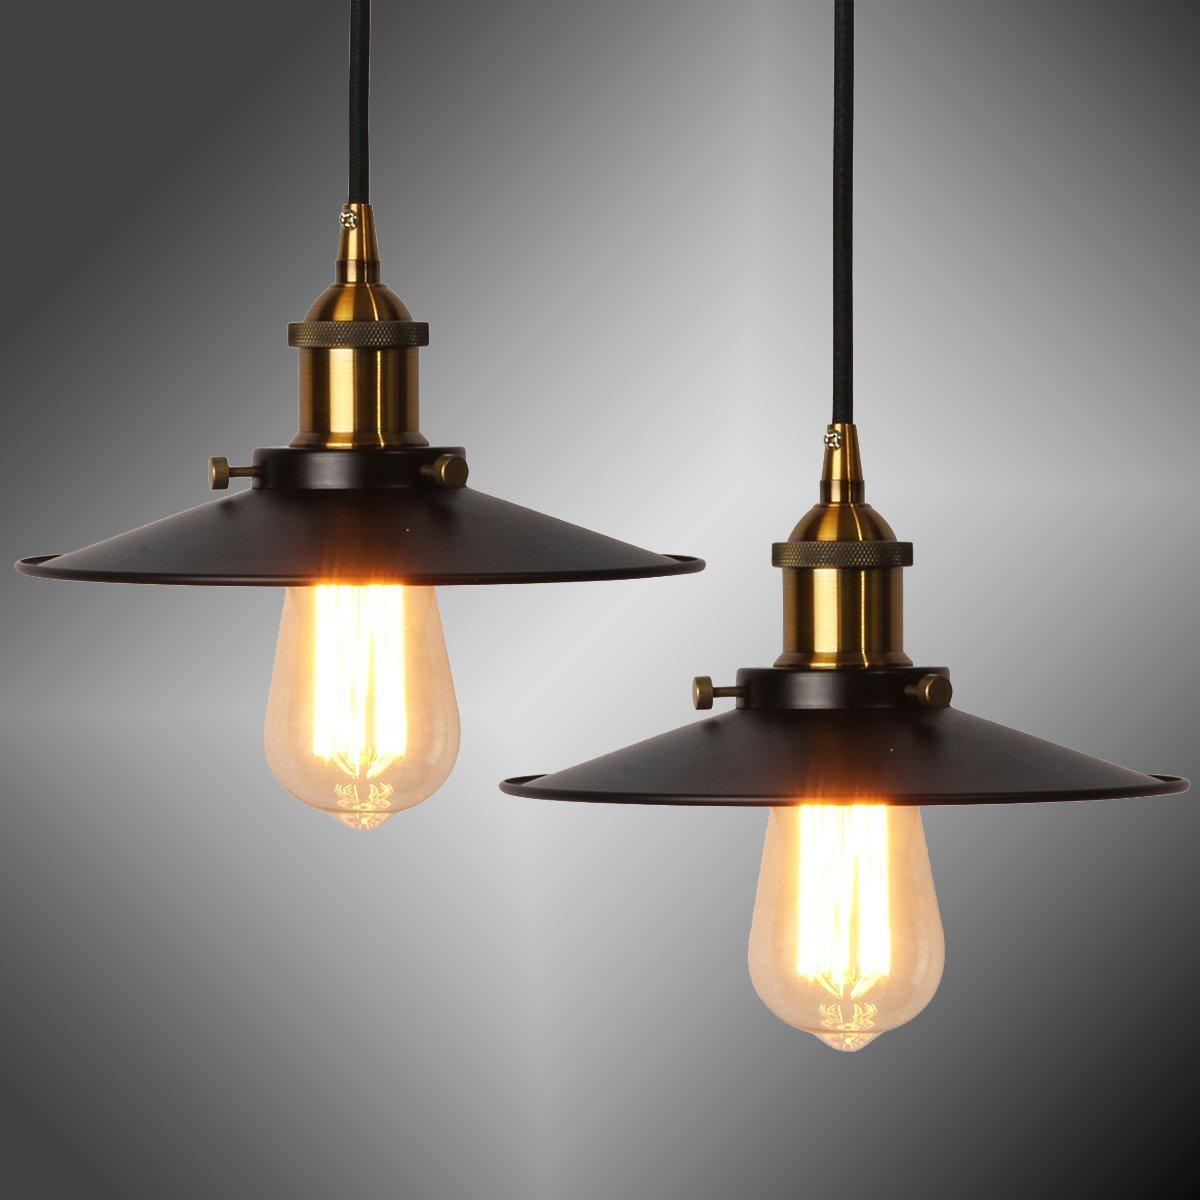 Vintage Pendelleuchte Elfeland R Retro Industrielle Deckenleuchte Loft Lampe Schwarz Eisen Lampenschirm E27 Keramik